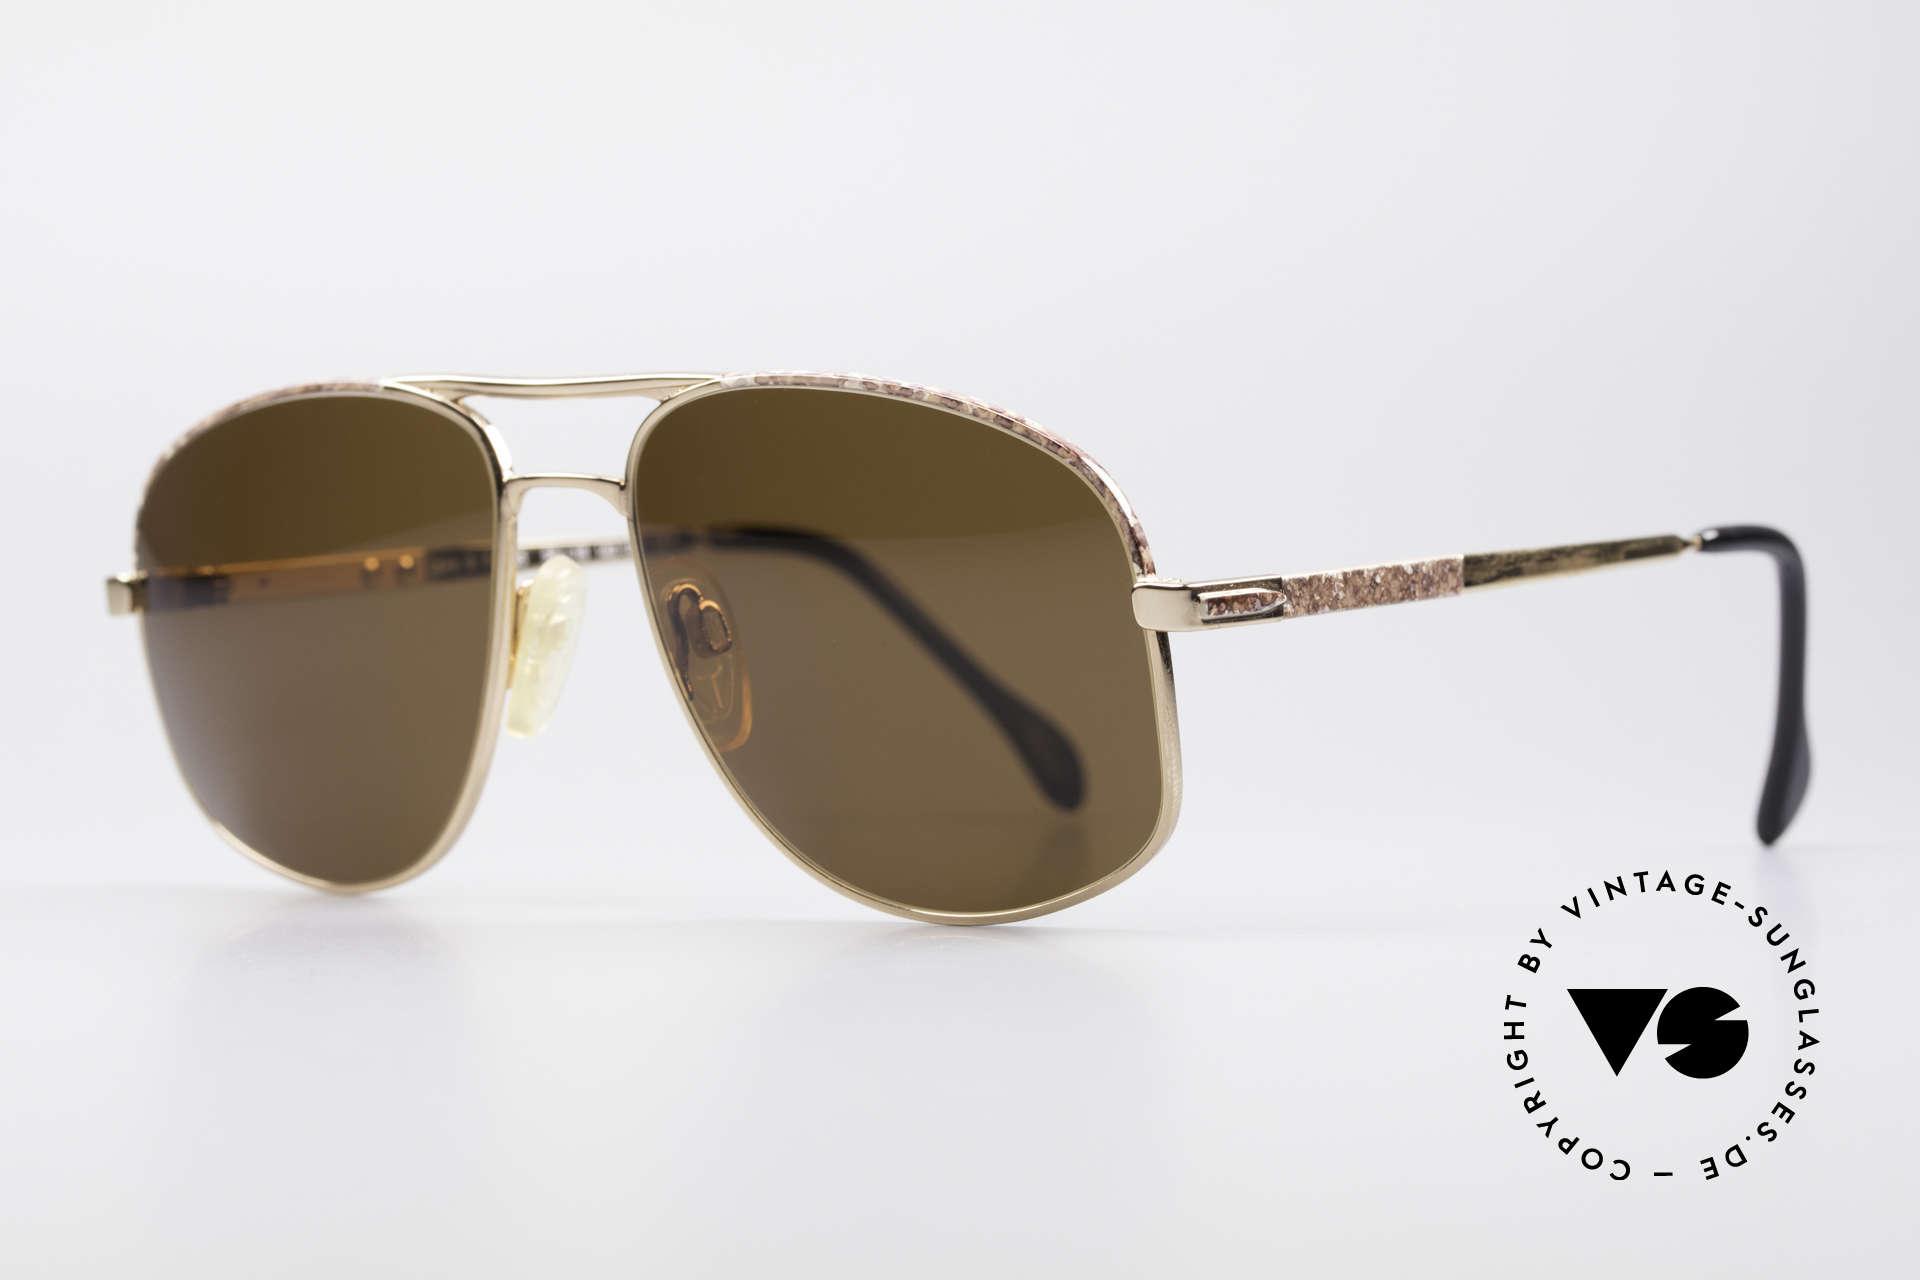 Zollitsch Cadre 8 18k Gold Plated Sonnenbrille, TOP-Qualität (Federscharniere und braun-marmoriert), Passend für Herren